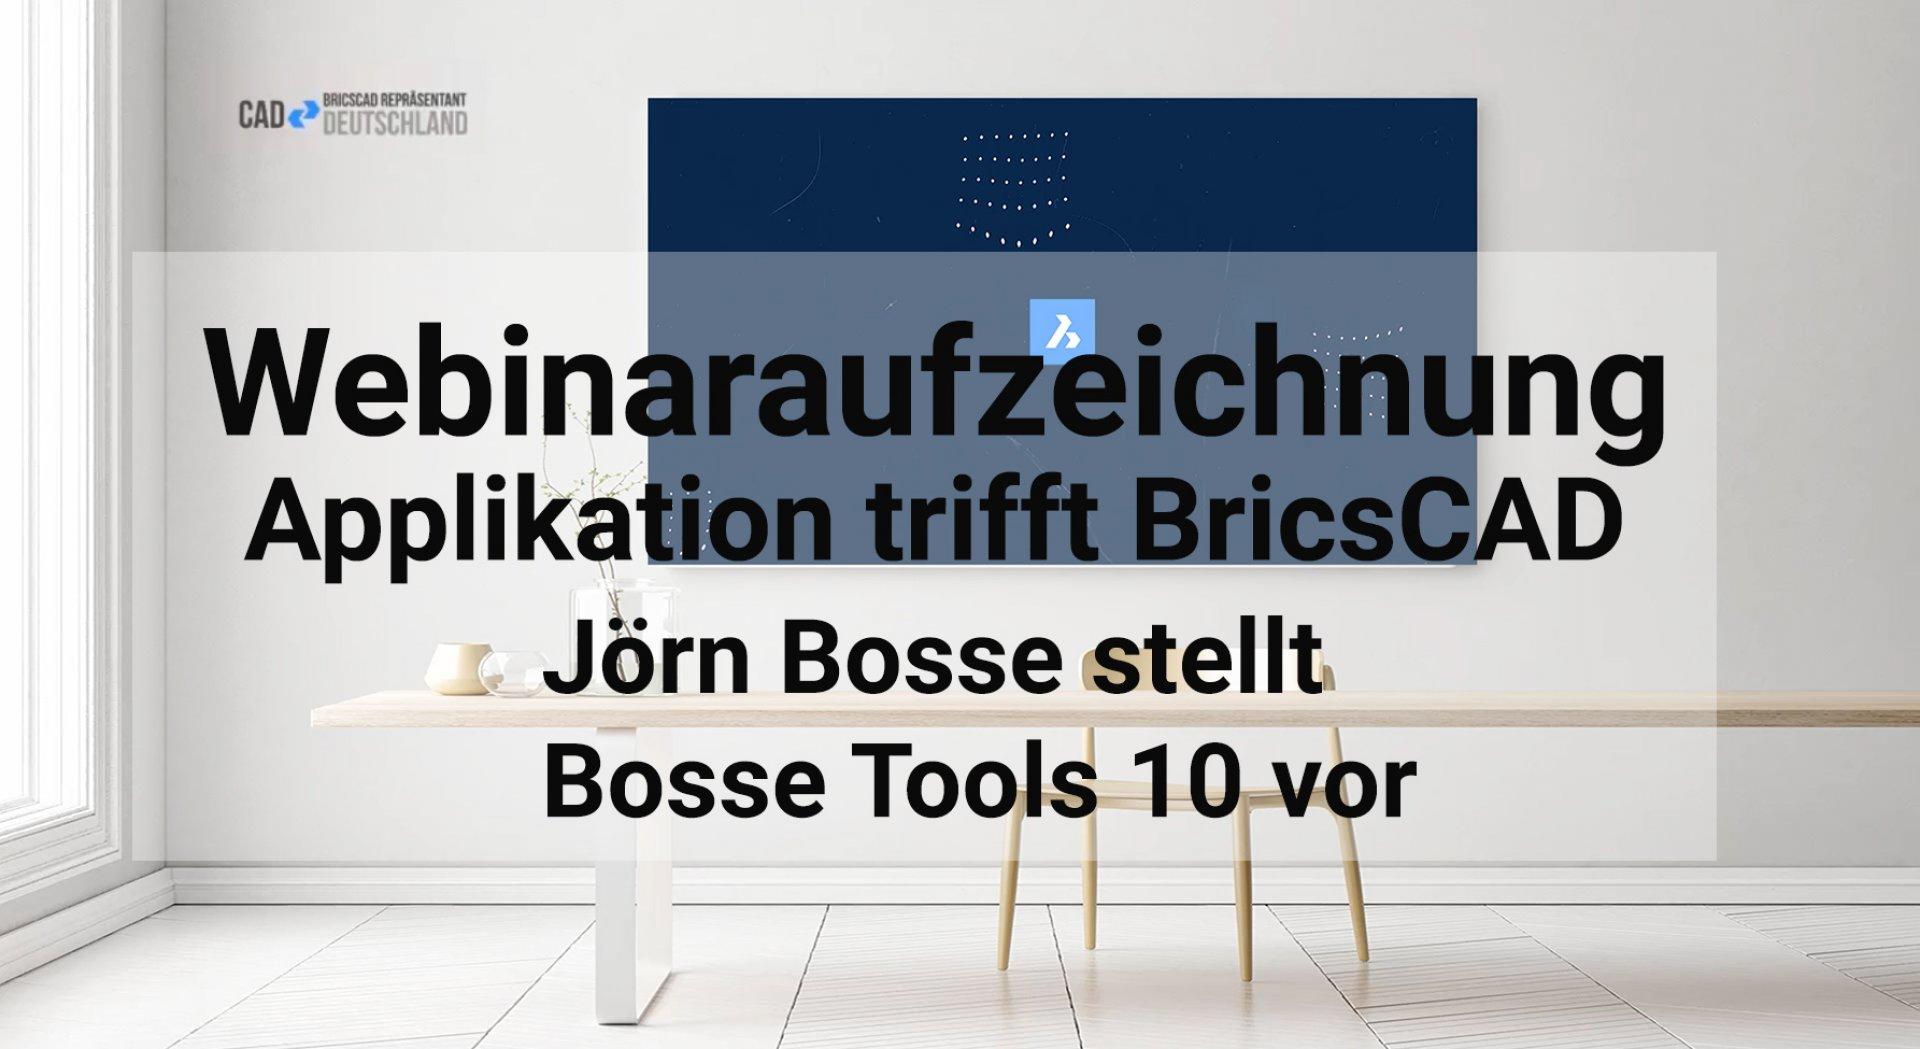 Applikation trifft BricsCAD - Bosse-Tools vorgestellt